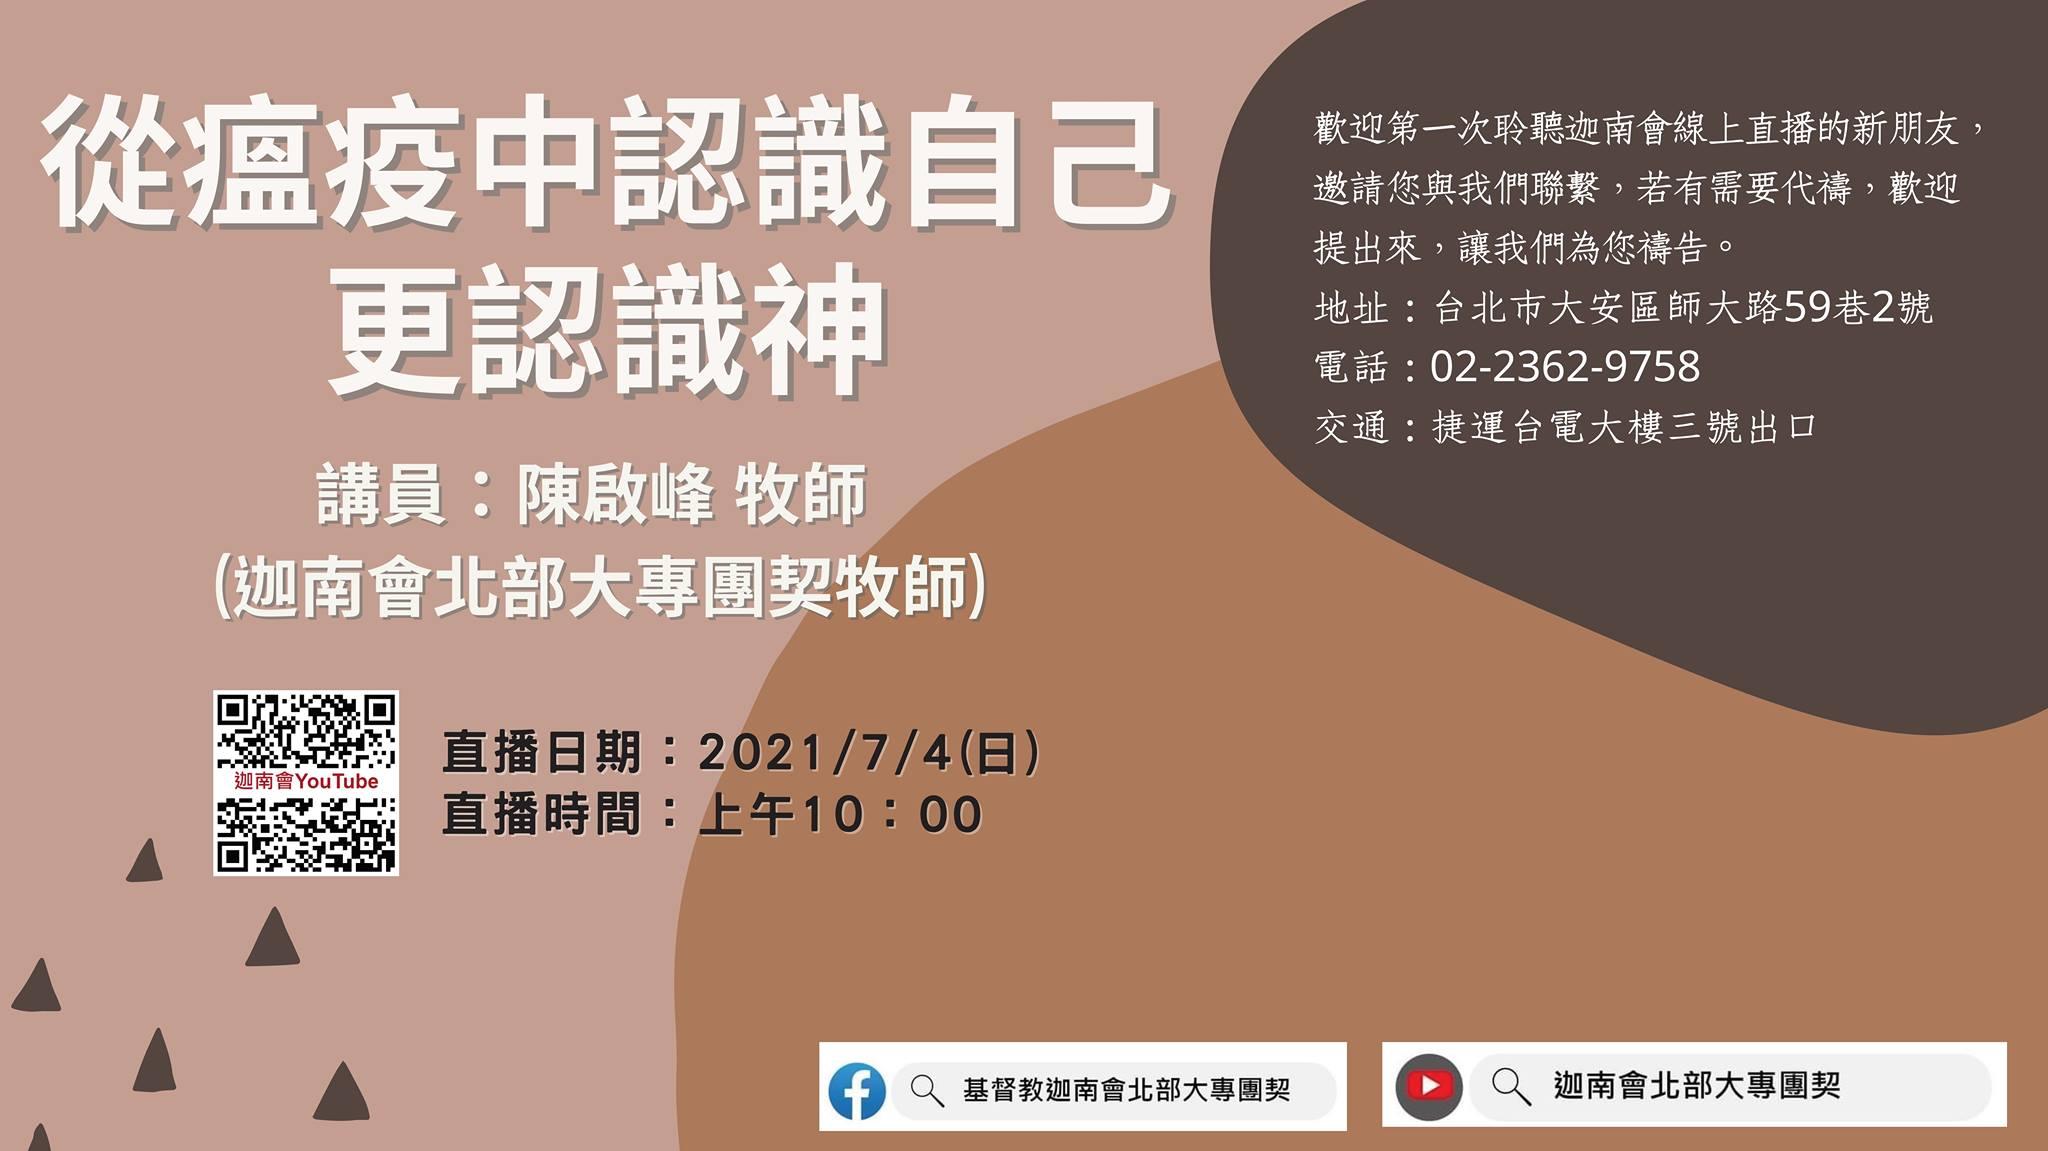 202107011-陳啟峰牧師-在疫情中得勝的見證與秘訣